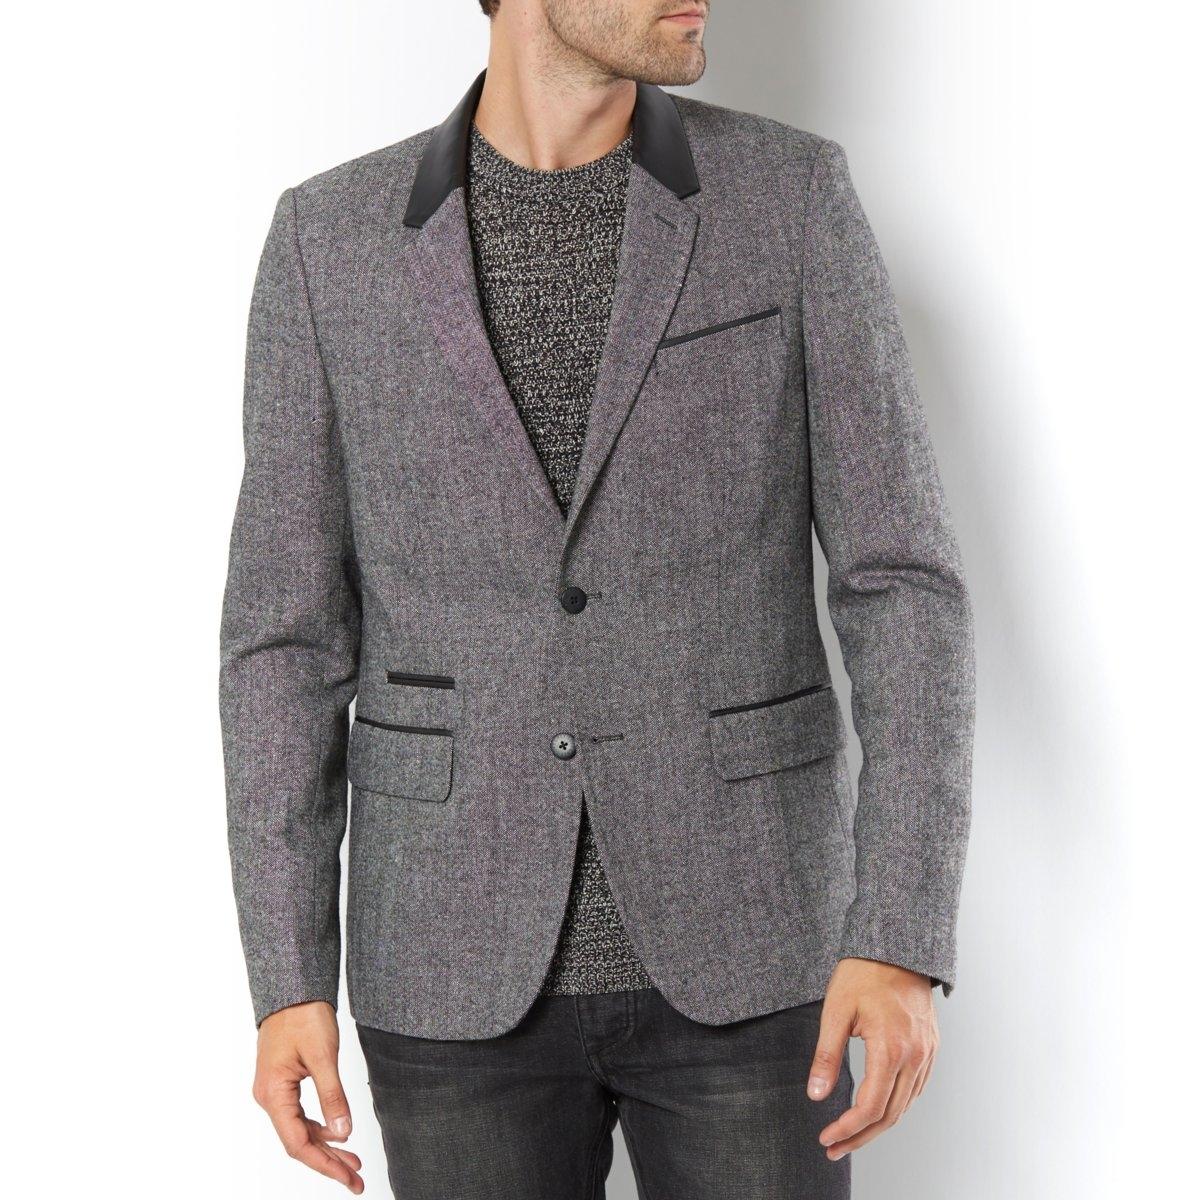 Пиджак с воротником из искусственной кожиНебольшой прорезной карман внизу прямого клапана. Пуговицы на манжетах . Контрастная черная подкладка. Шлица сзади. Ложная бутоньерка на воротнике. Длина 75 см.<br><br>Цвет: серый<br>Размер: 44